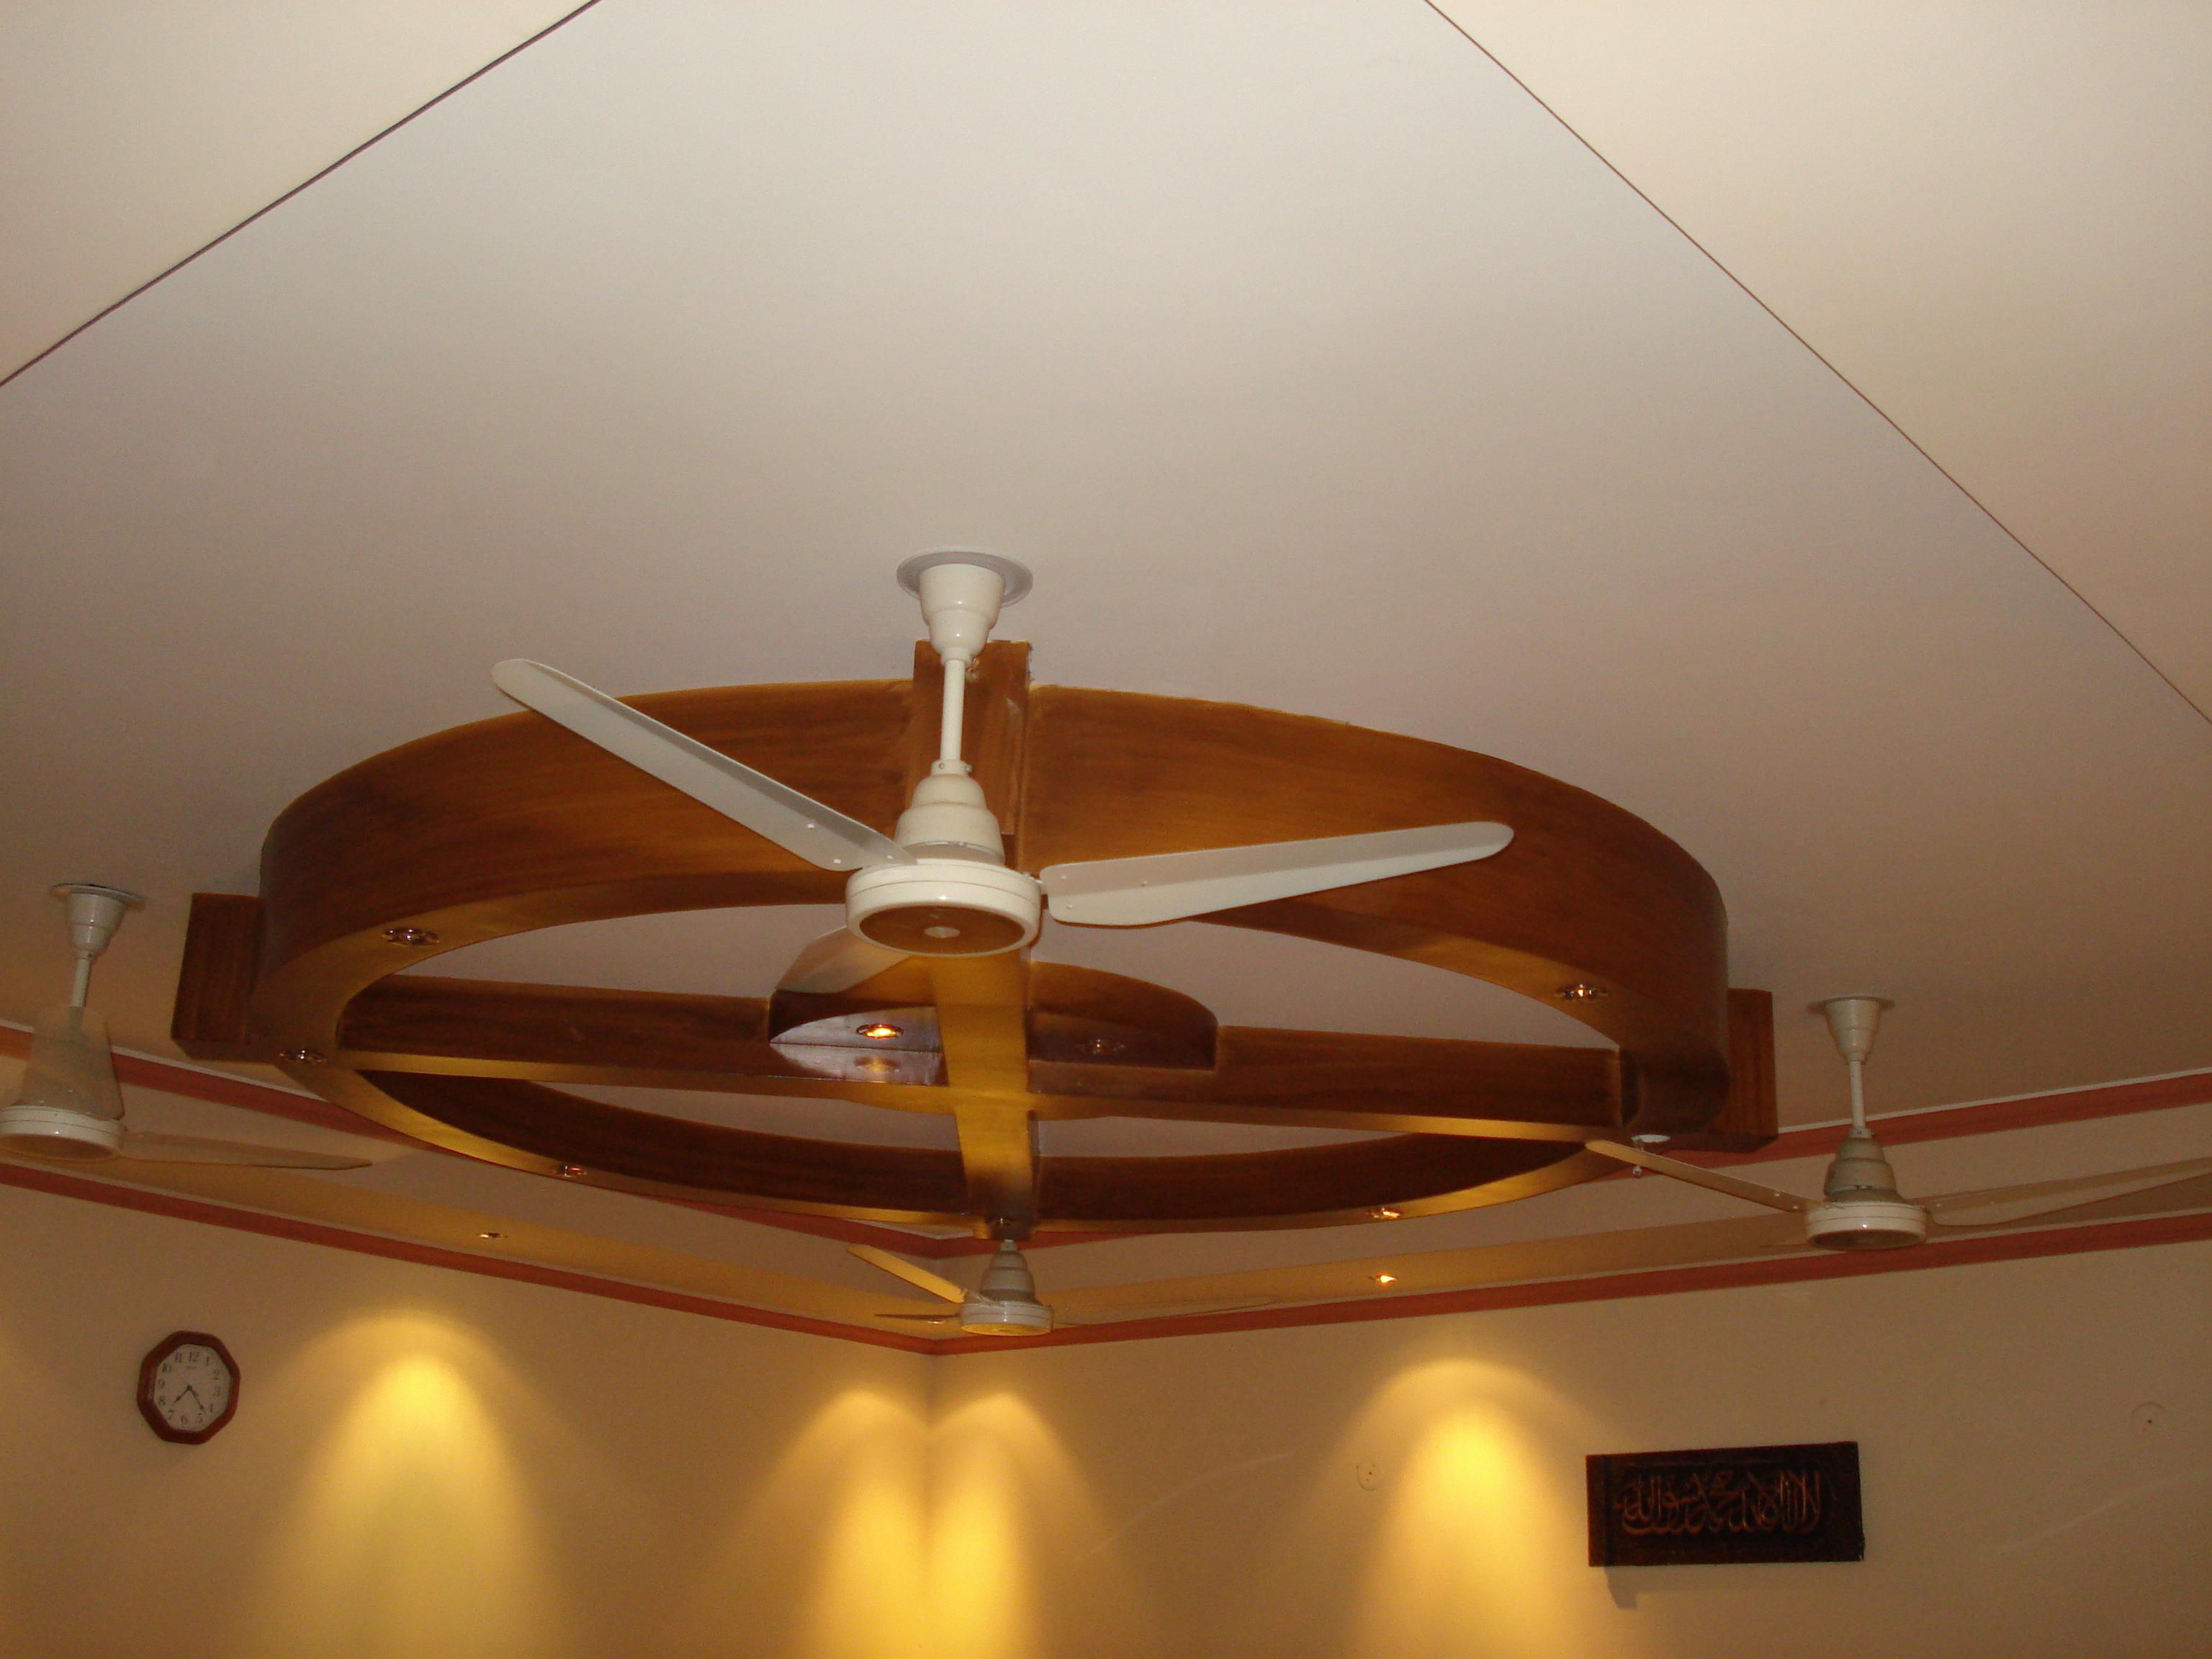 Wooden Ceiling Design With Fan Gharexpert